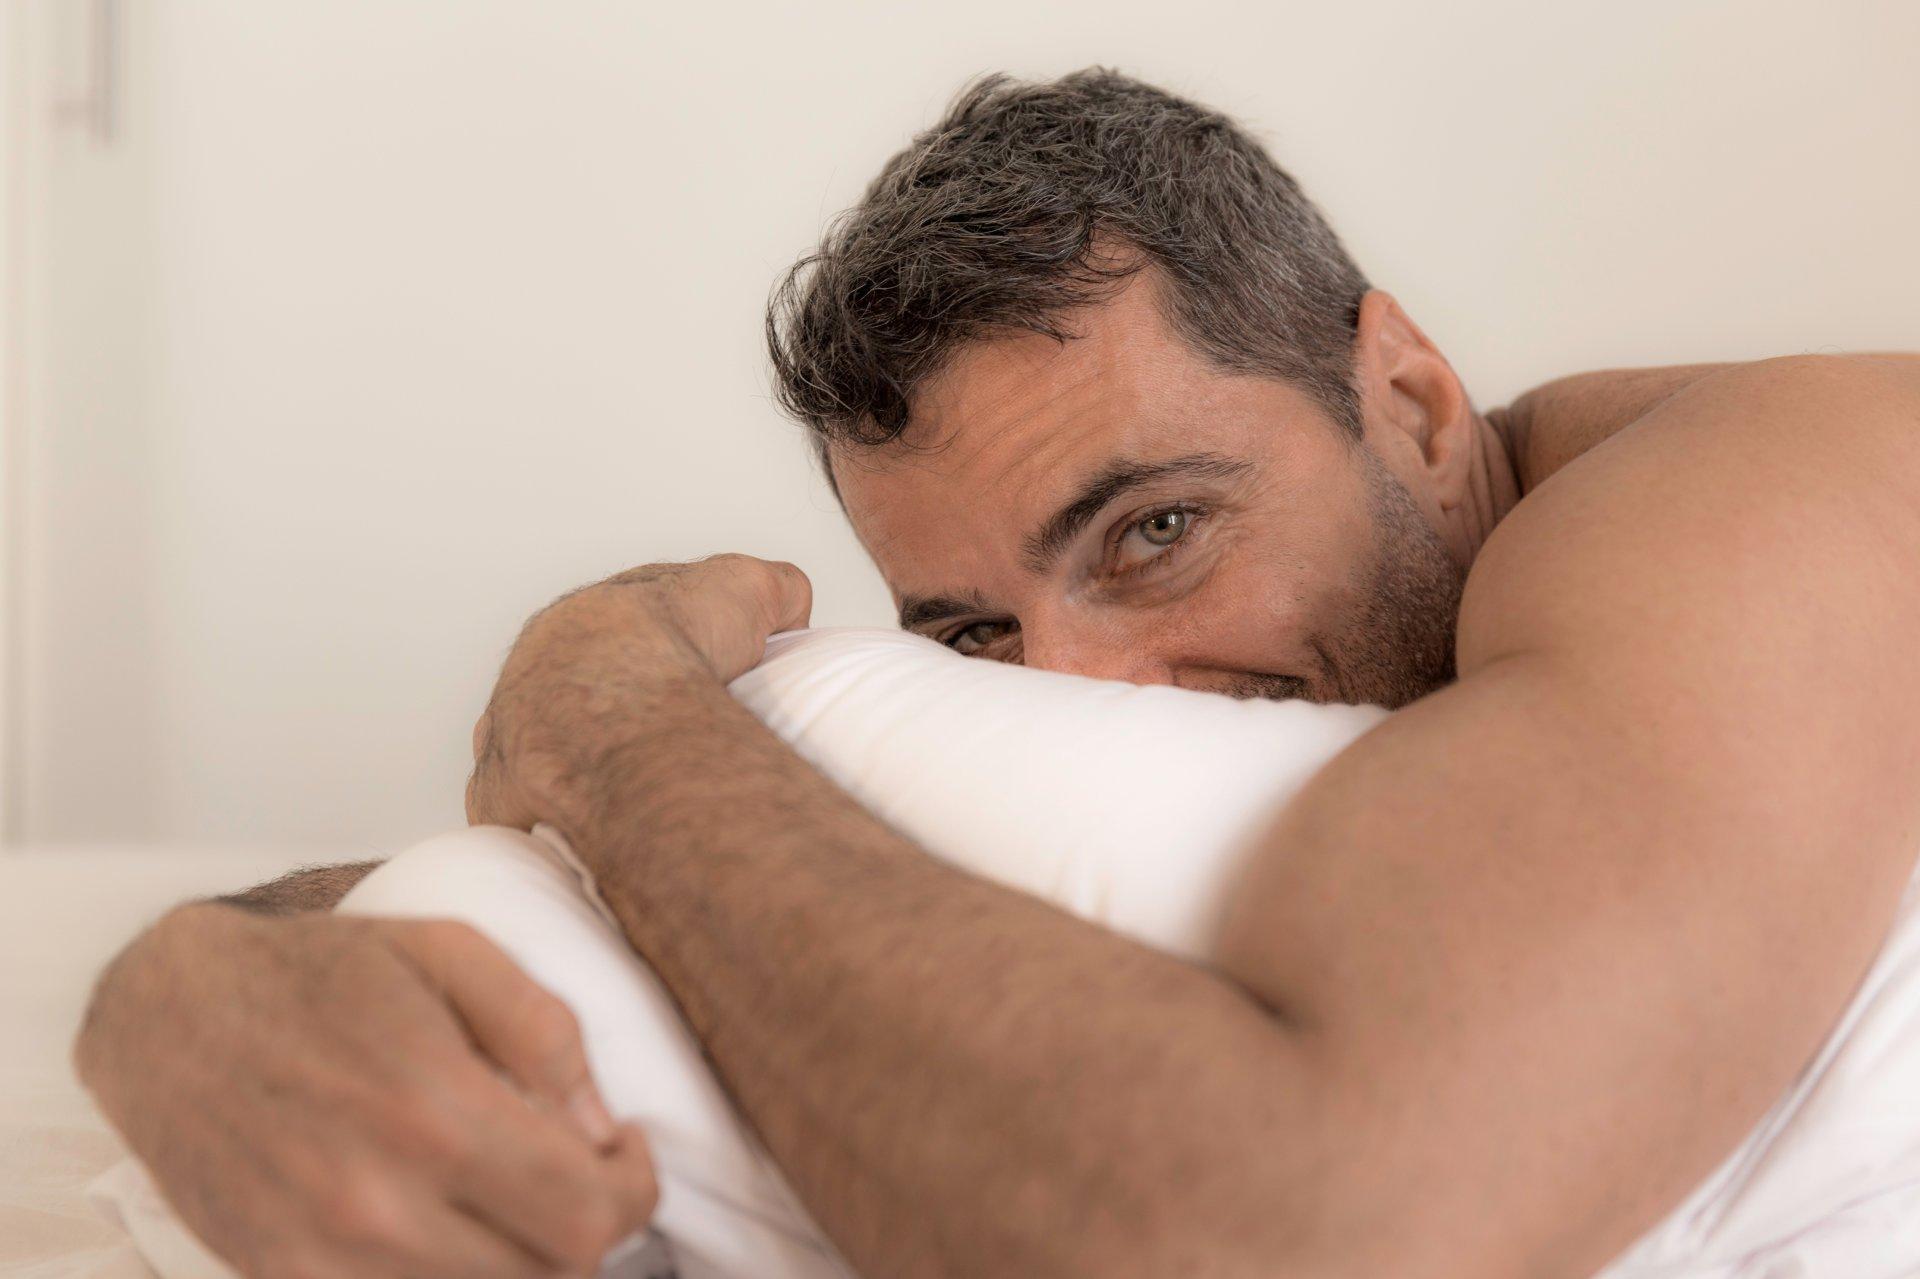 kokia yra erekcijos nebuvimo ryte priežastis erekcijos nebeliko